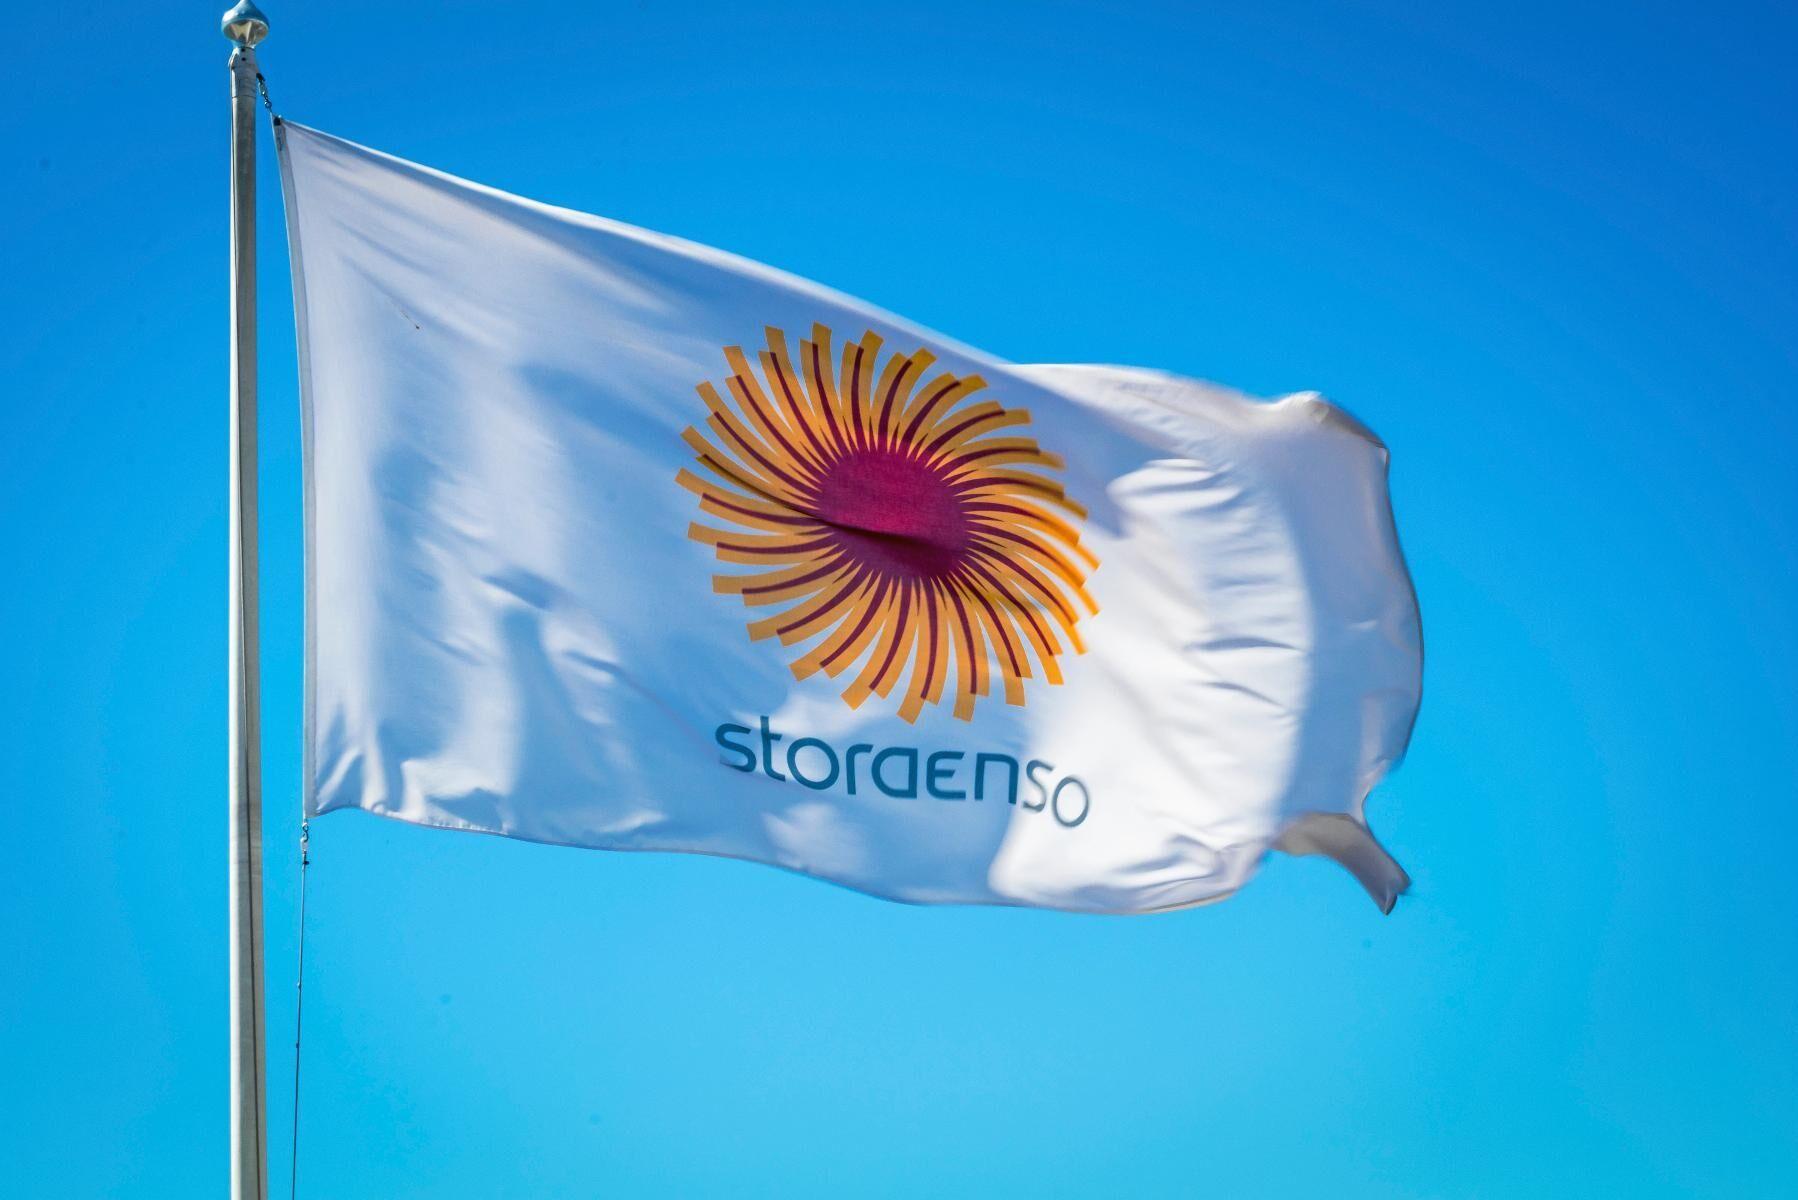 Stora Enso överväger en investering på mellan 8 och 9 miljarder kronor i ökad kapacitet för massa och kartong vid Skoghalls bruk.